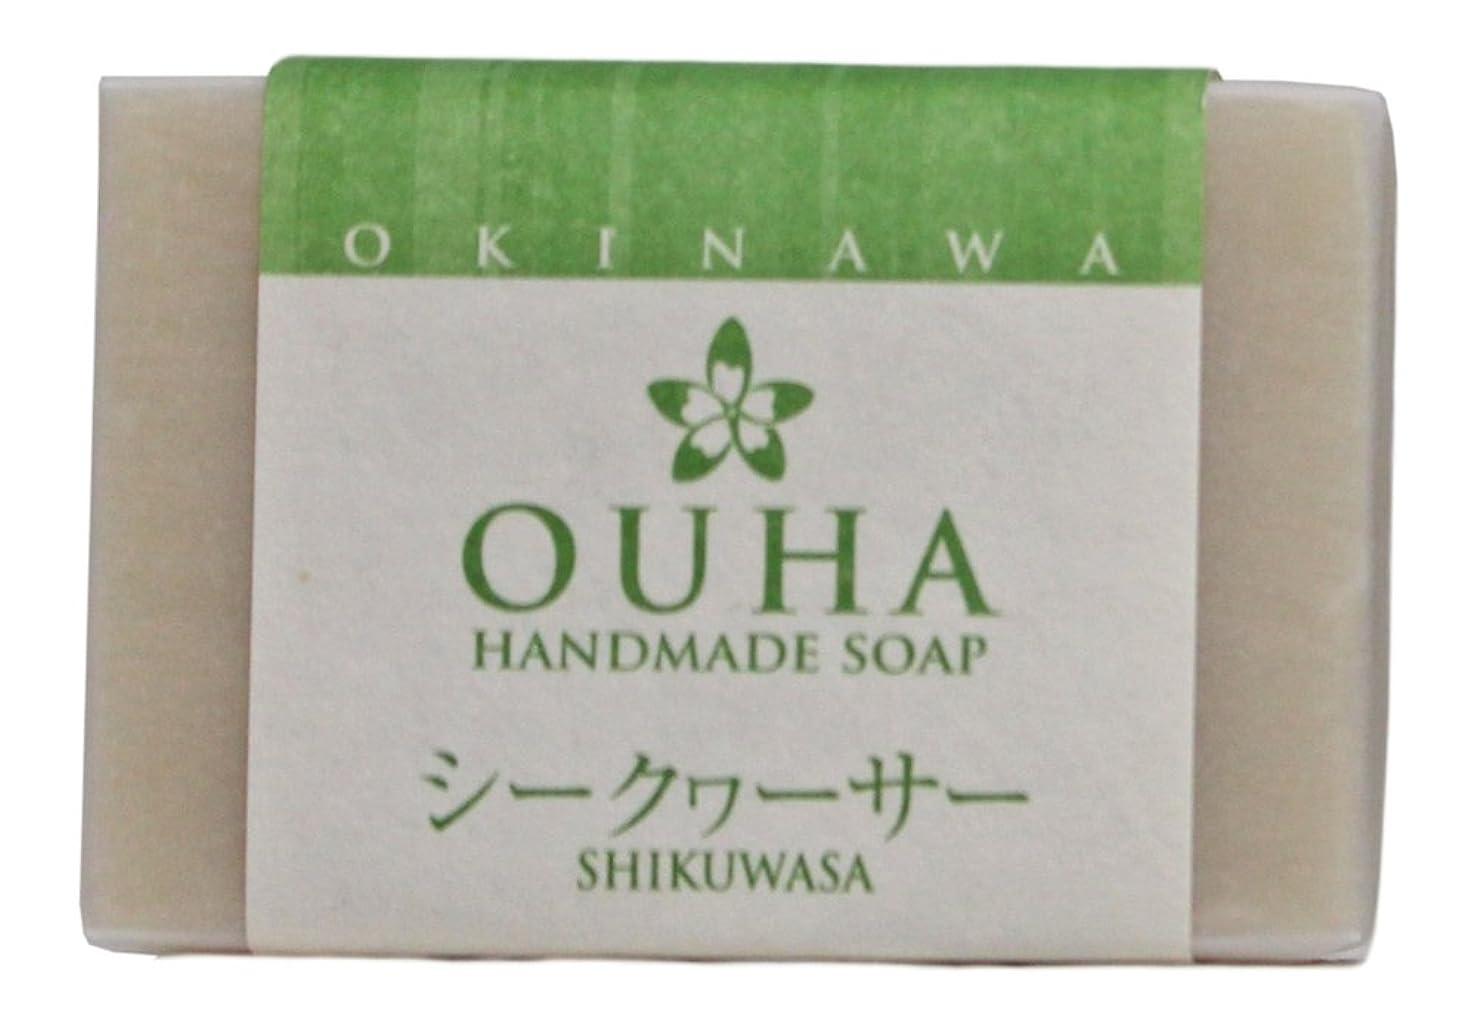 抜本的な外出推進沖縄手作り洗顔せっけん OUHAソープ シークヮーサー 47g